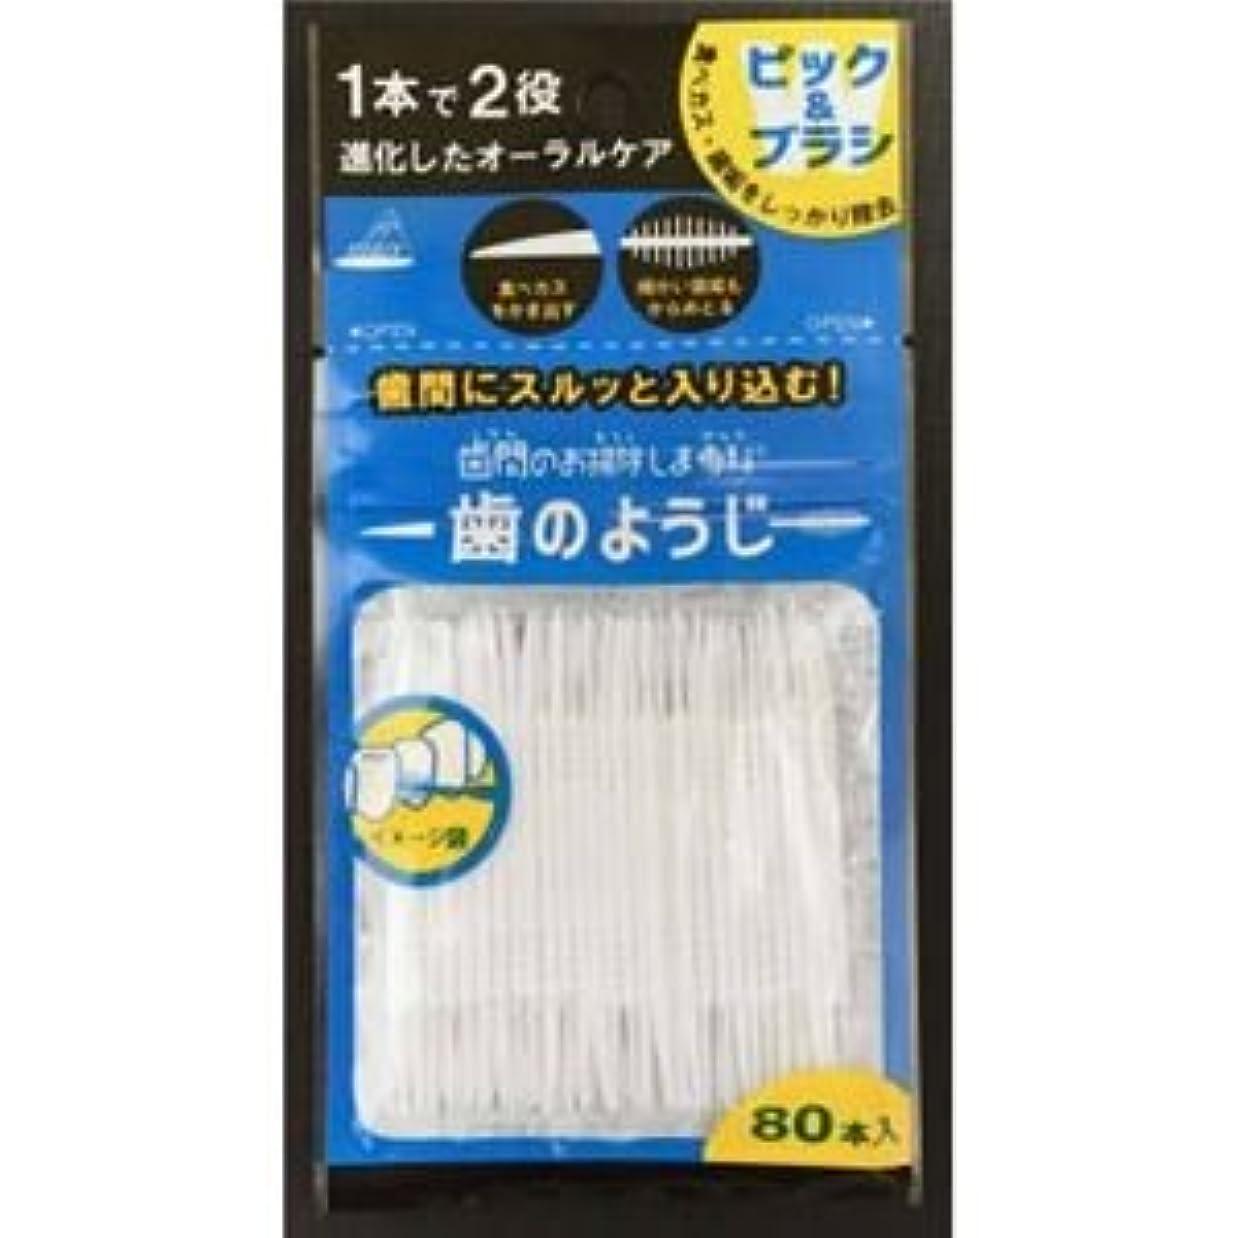 緑哲学(まとめ)アヌシ OB-807 歯間のお掃除しま専科 歯のようじ80本入 【×5点セット】